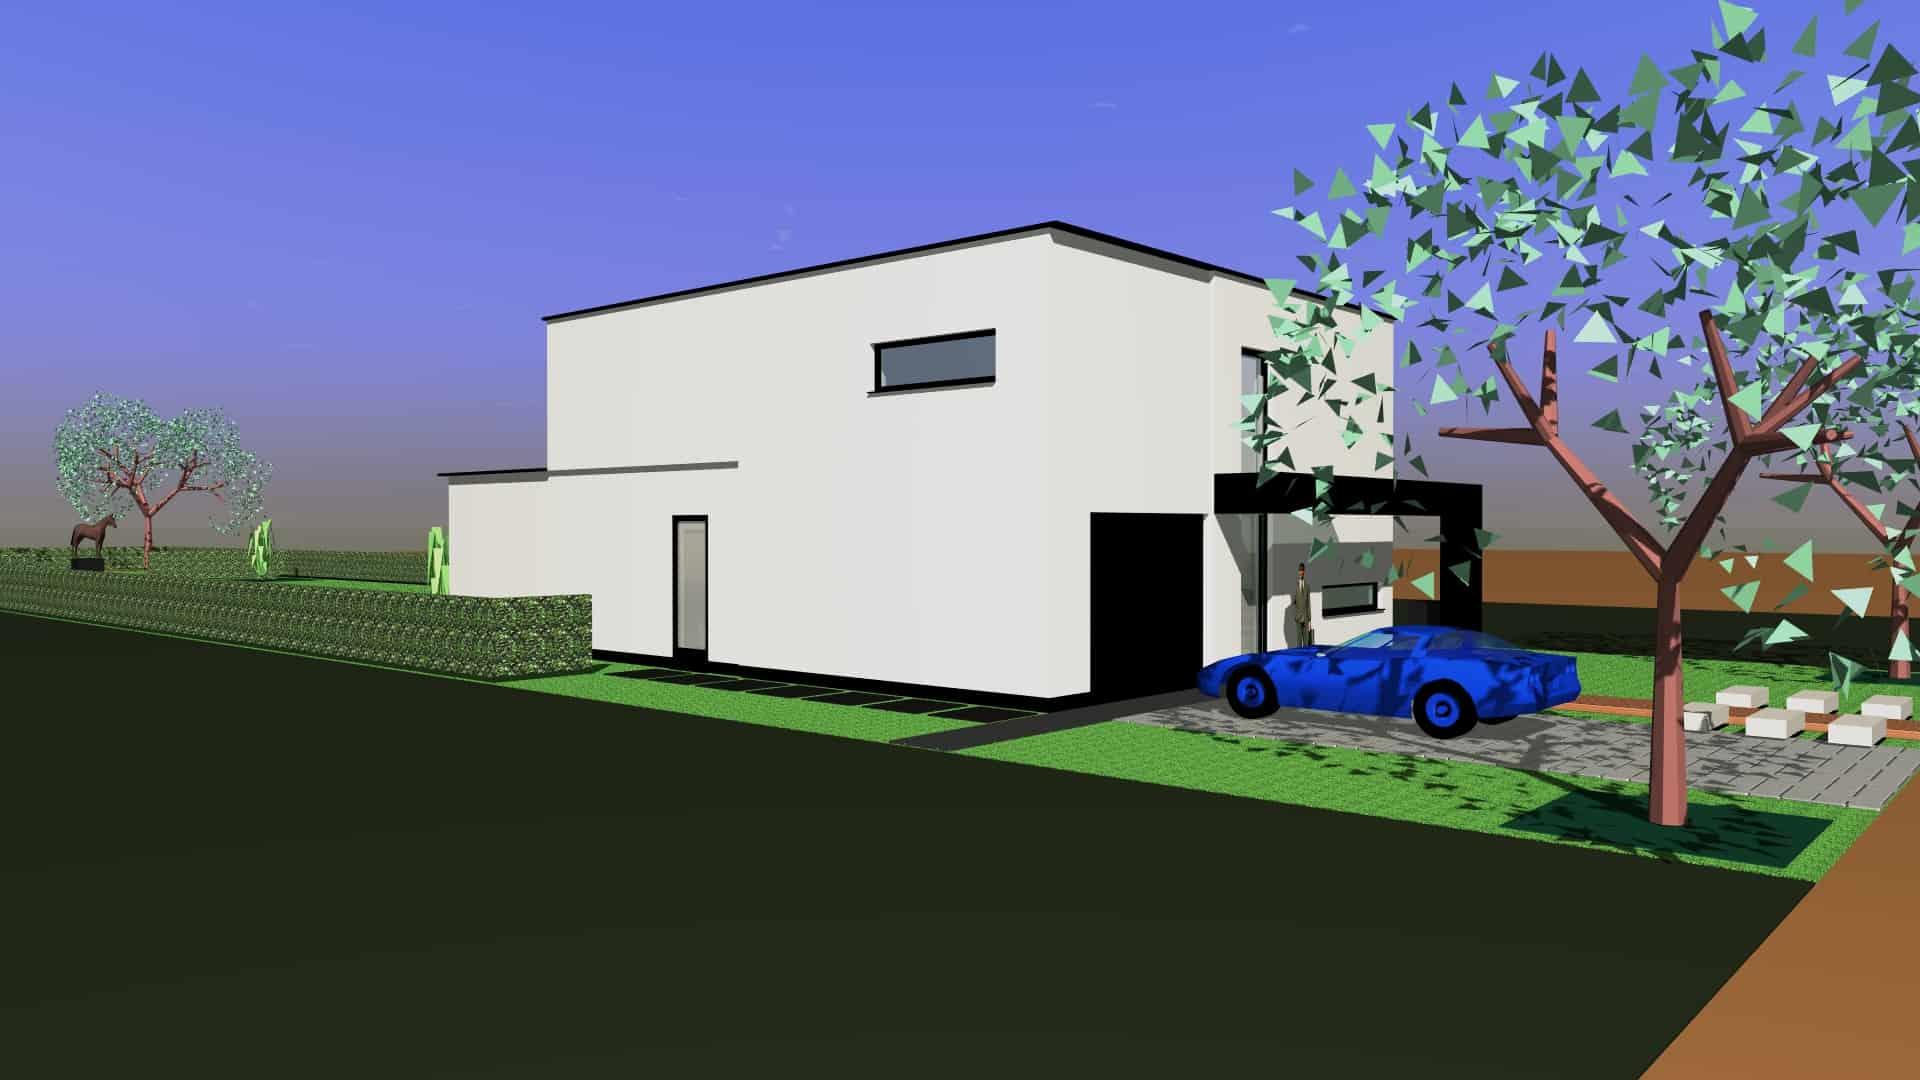 Detail afbeelding 4 van ST CR   –   Zeer strakke gepleisterde woning  –   Opglabbeek | Ontwerp door architect Patrick Strackx